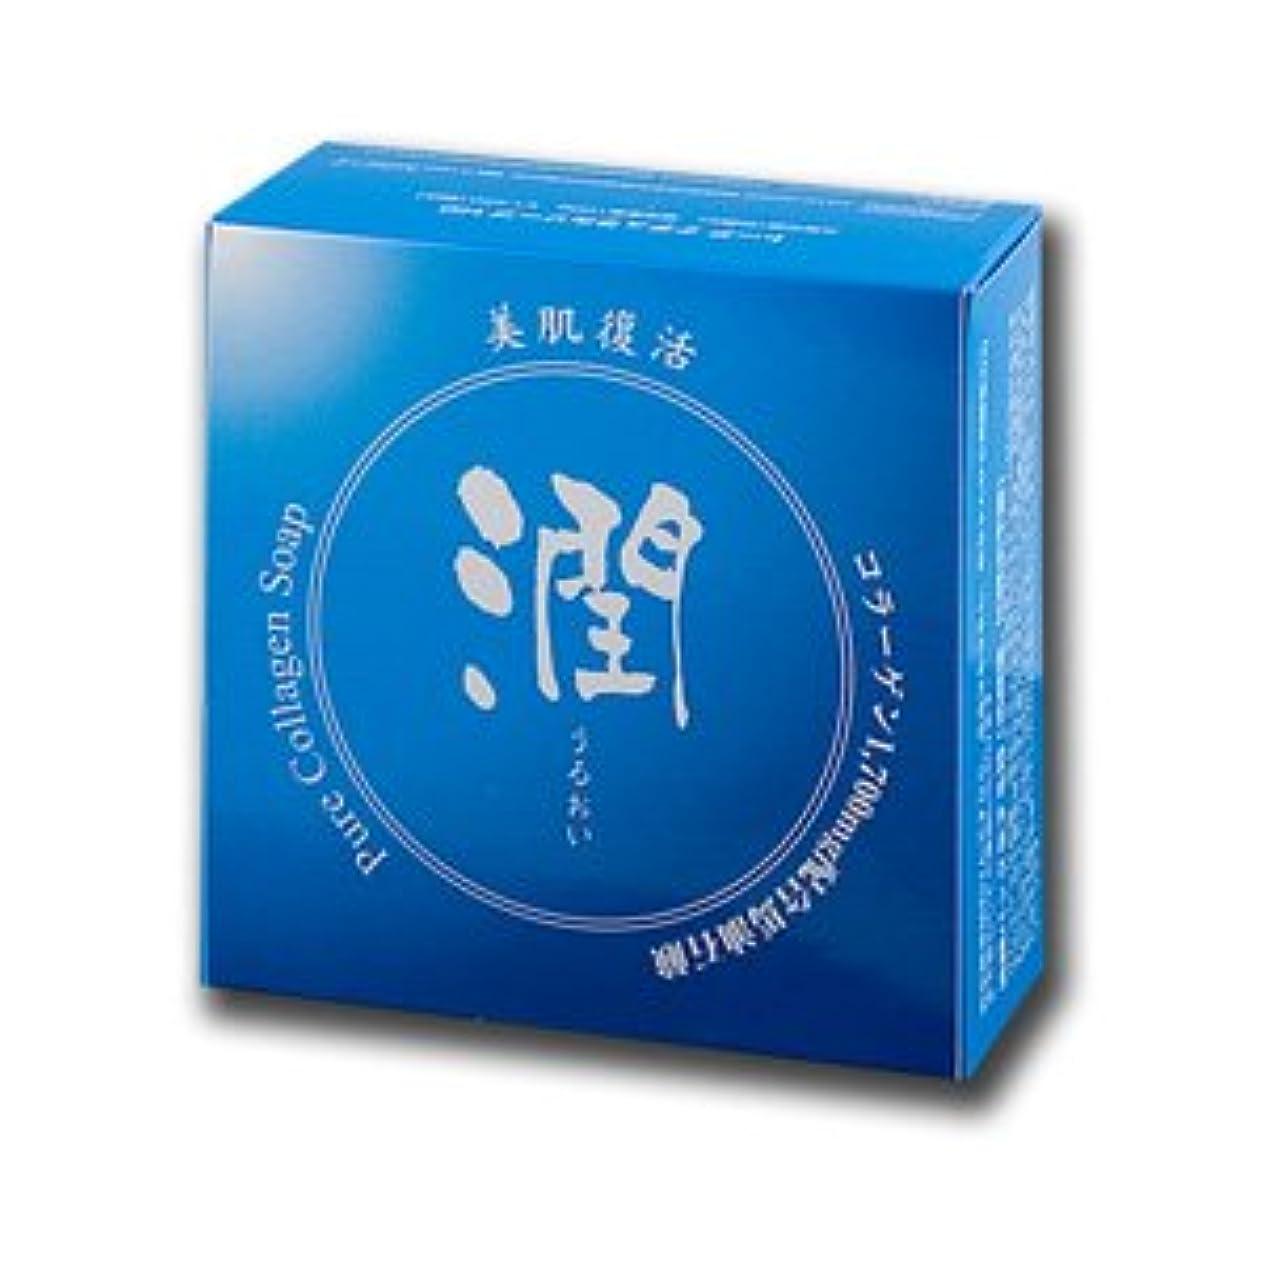 生きる首謀者犬コラーゲン馬油石鹸 潤 100g (#800410) ×8個セット